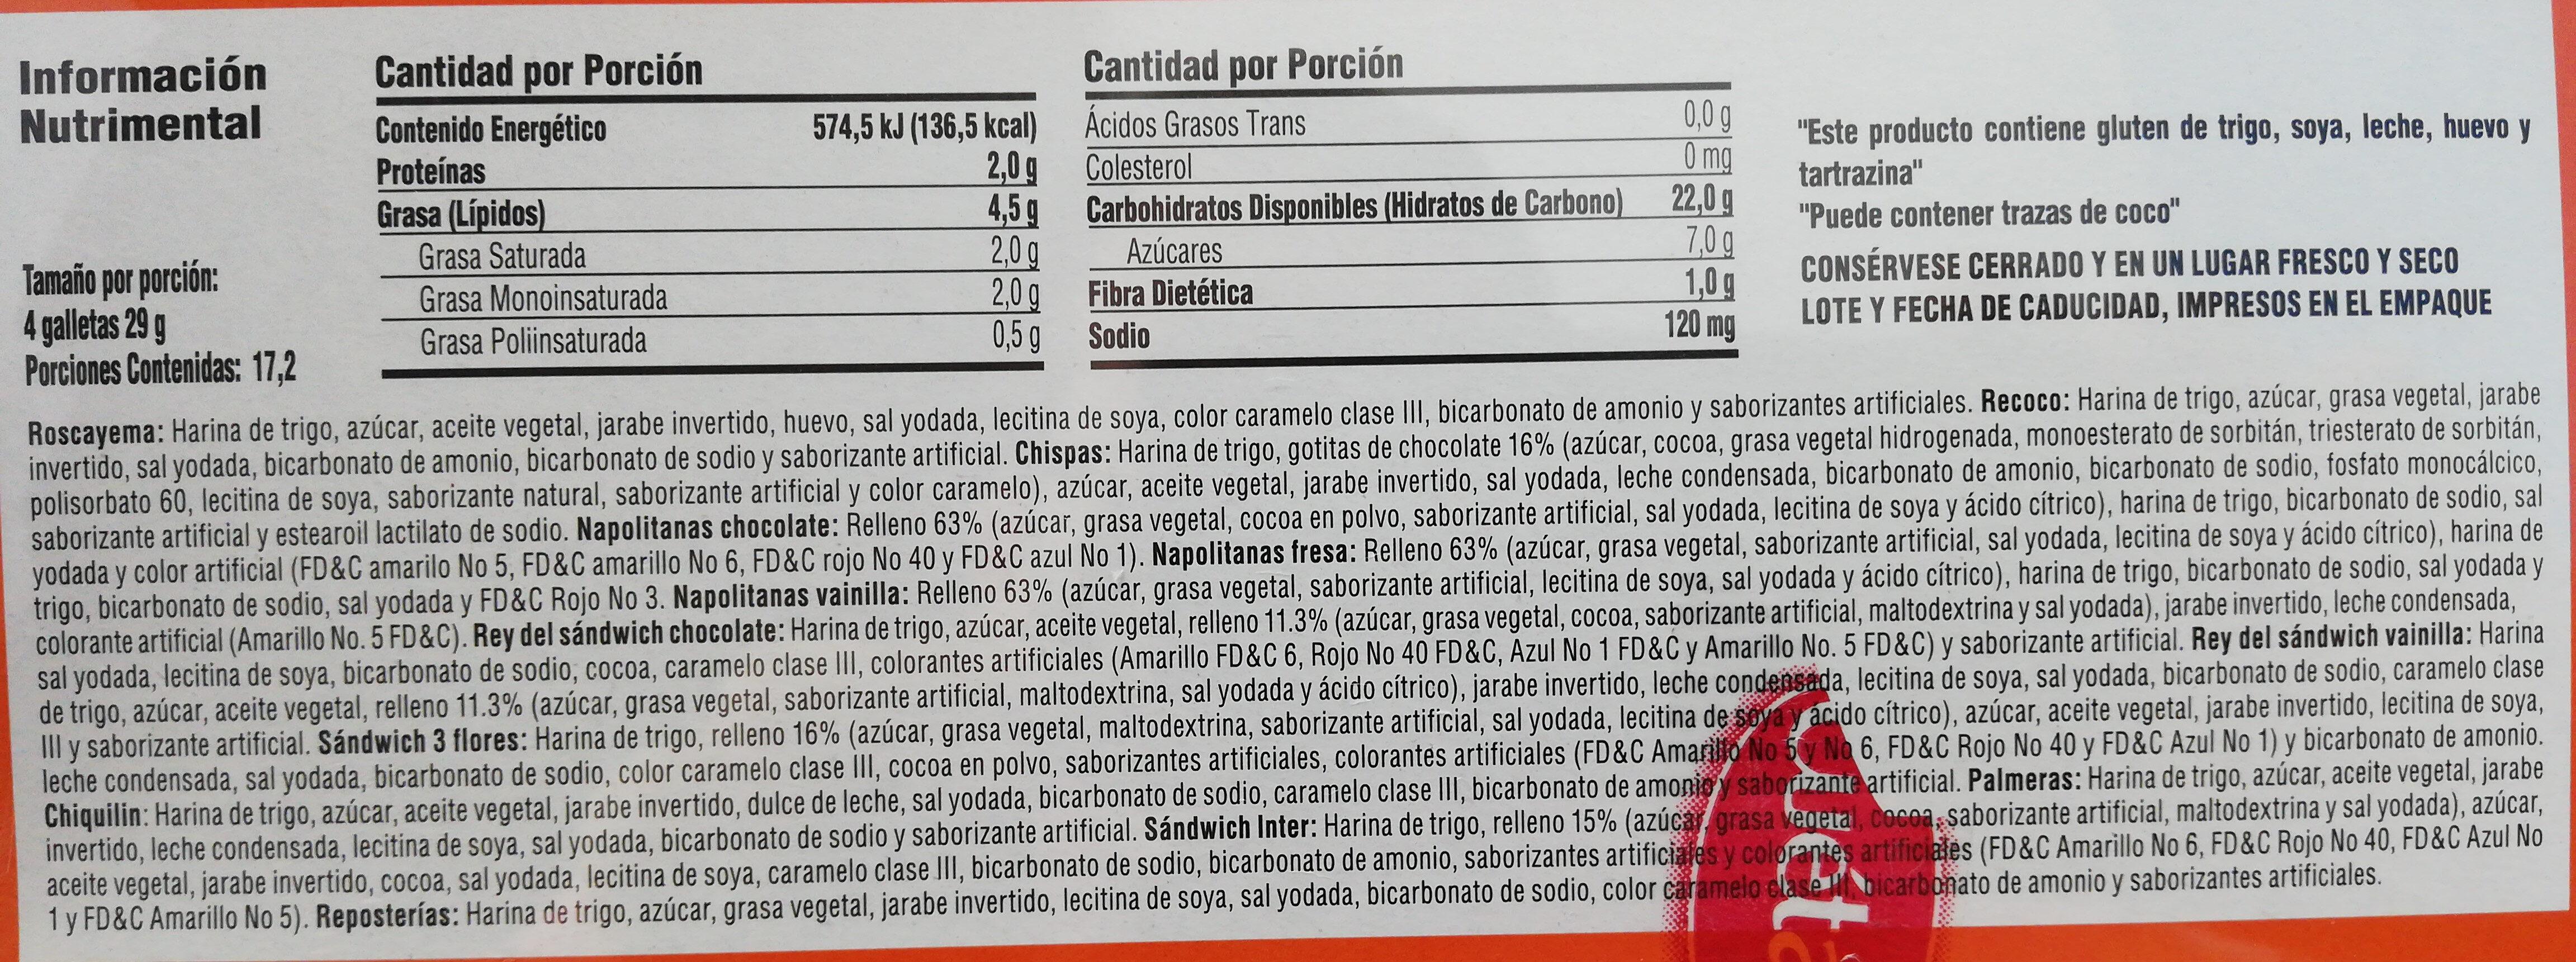 Galletas Surtido Diario - Ingrediënten - es